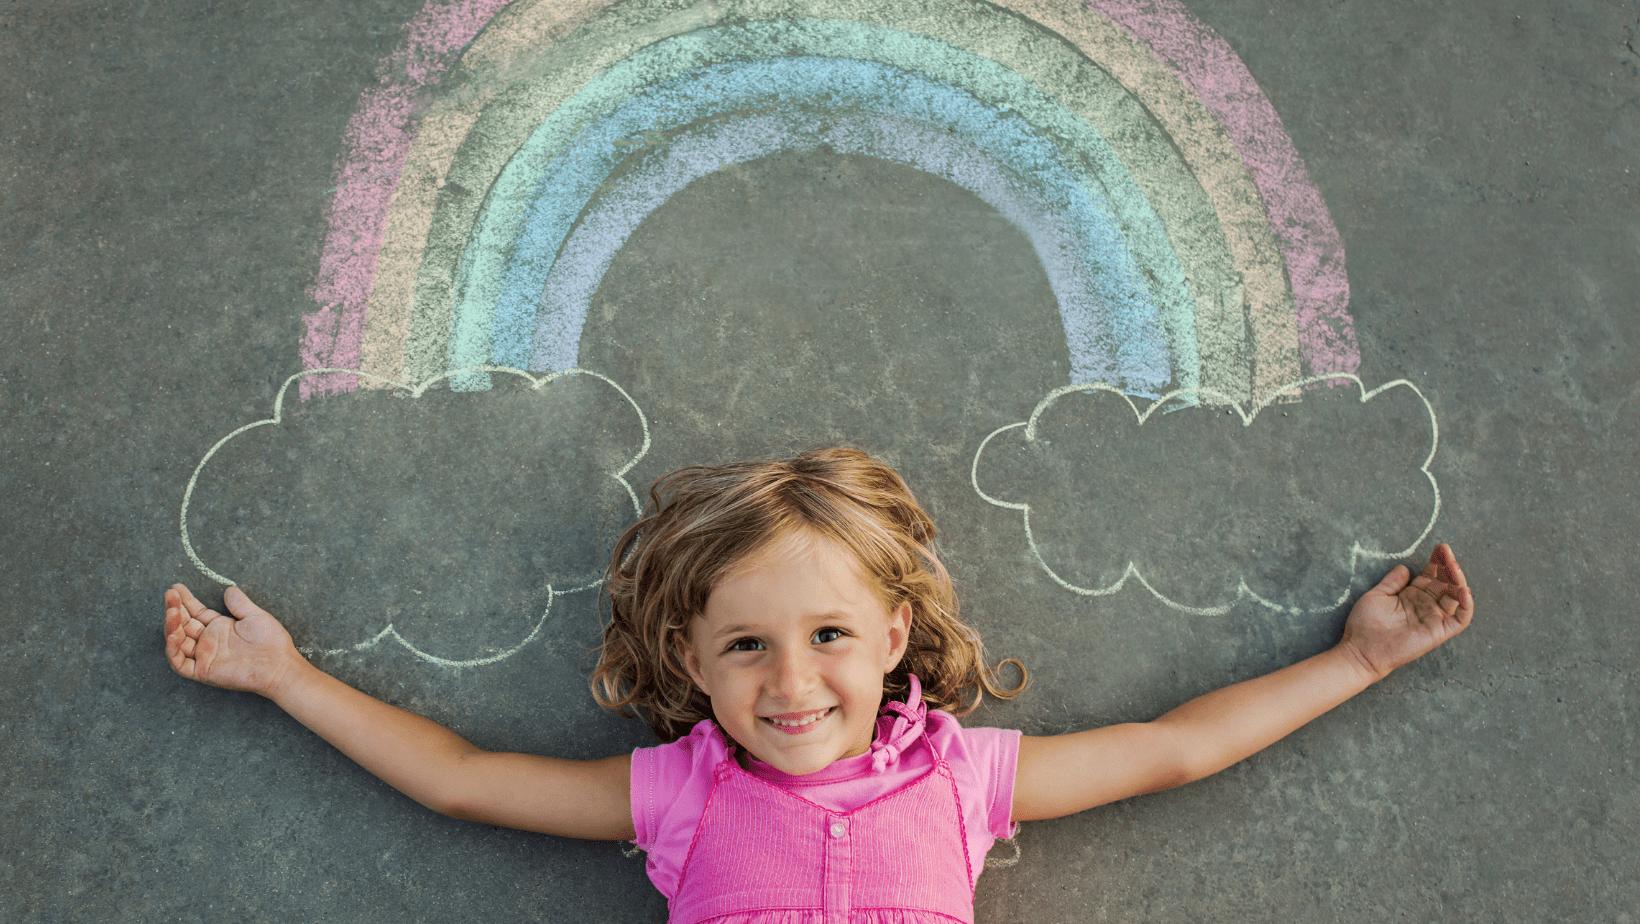 Kinderfotos im Freien – einzigartige Ideen für kreative Bilder